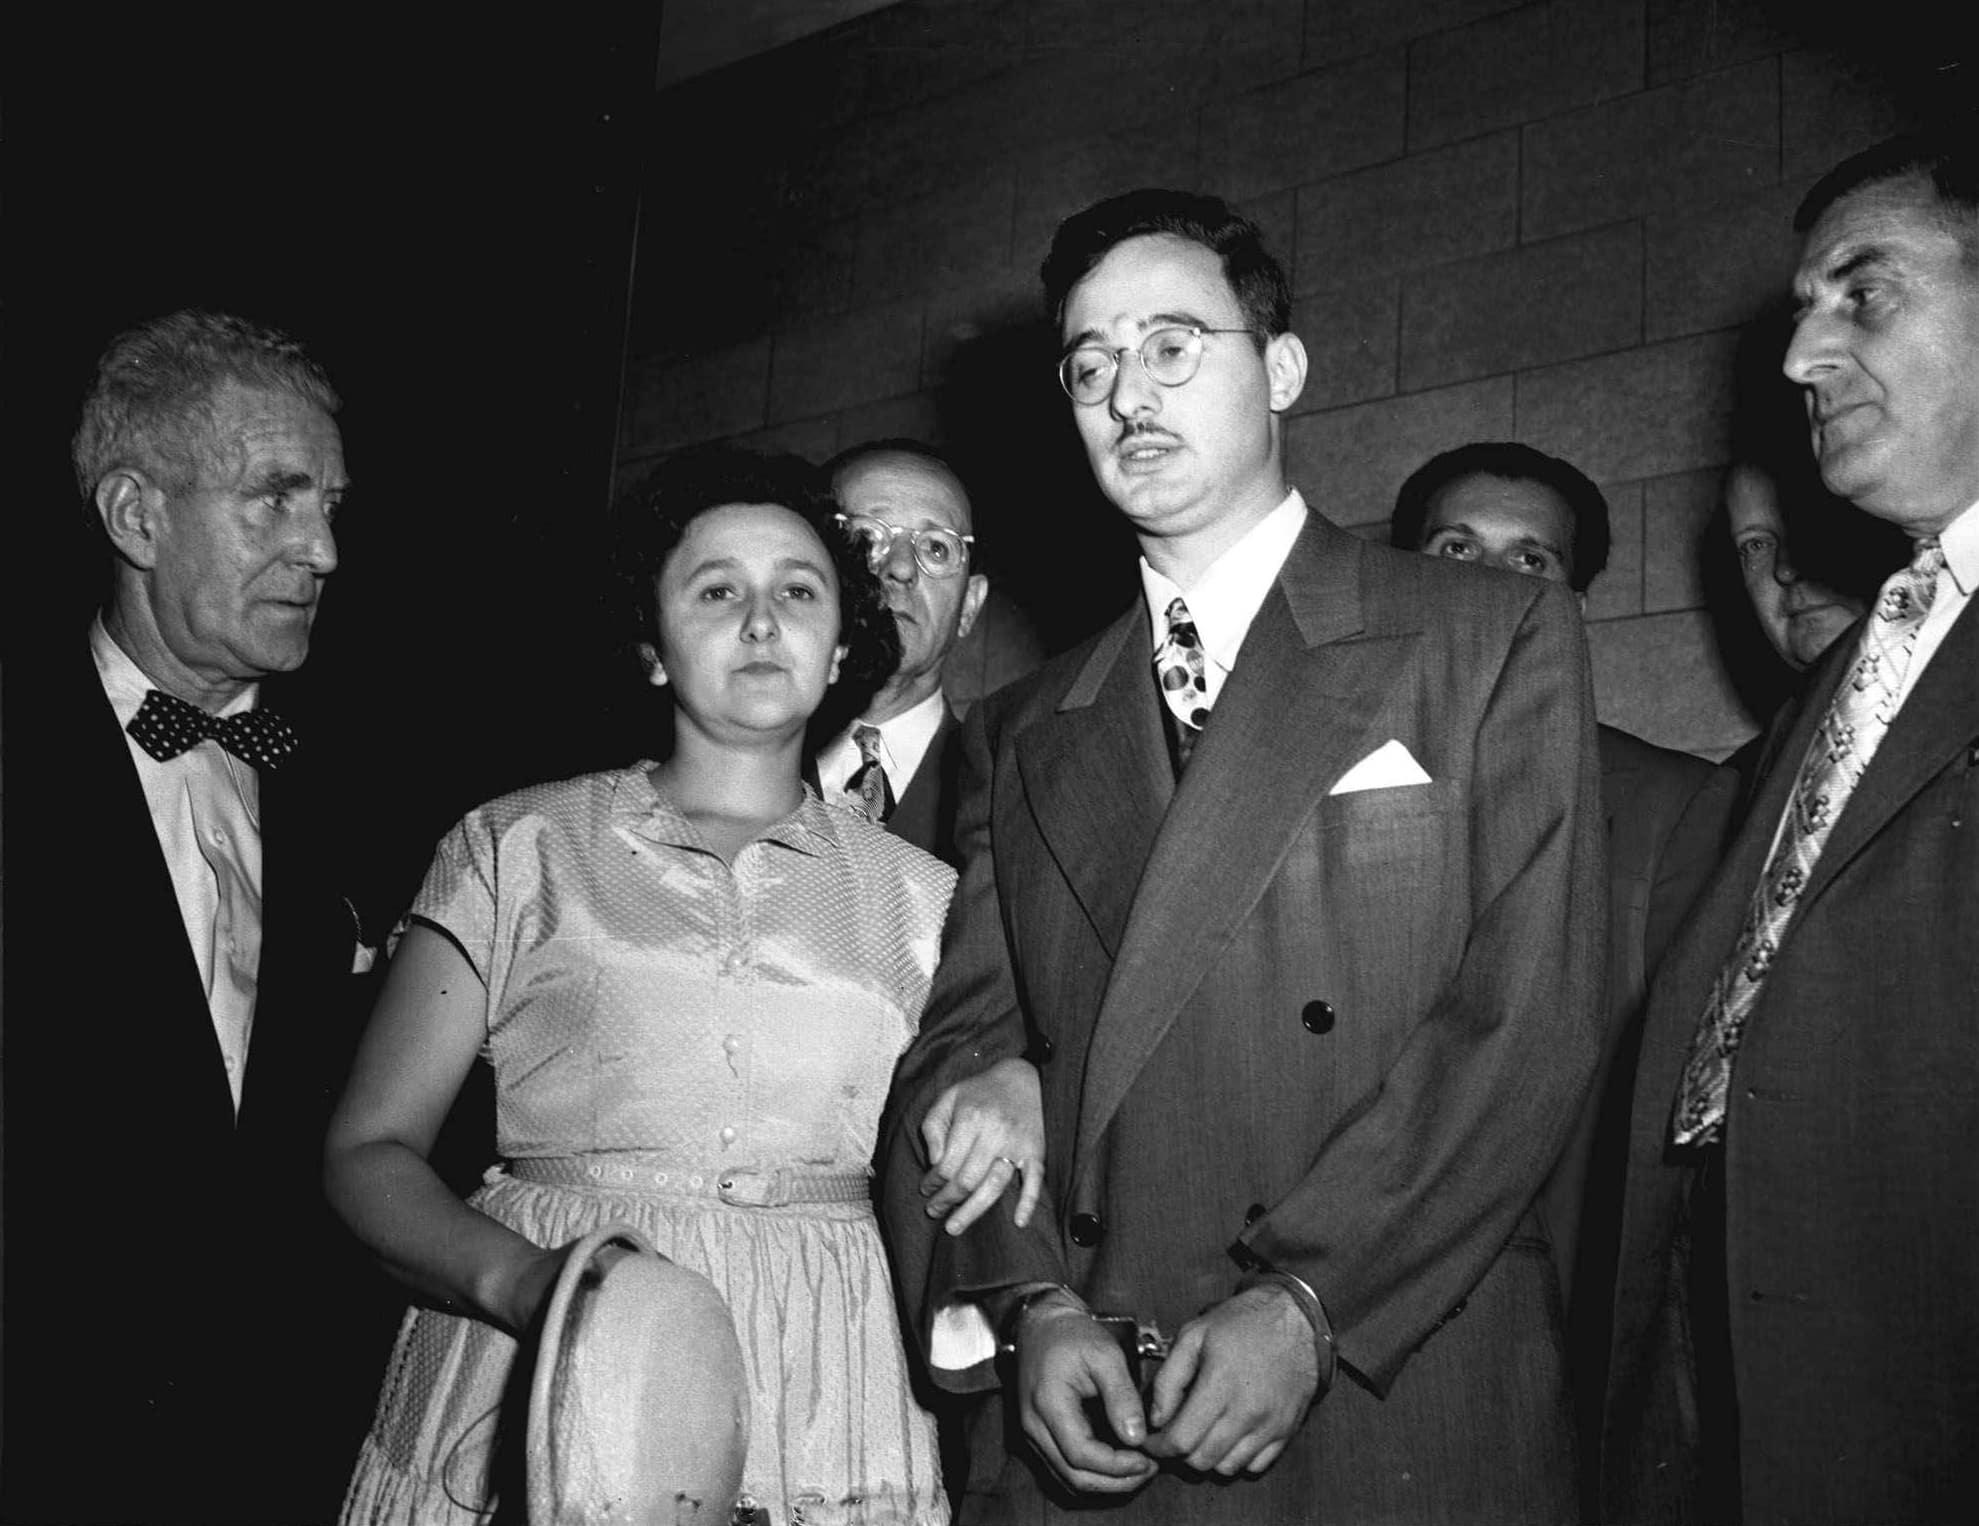 אתל ויוליוס רוזנברג, במרכז, במהלך משפטo בניו יורק, 1951 (צילום: AP)